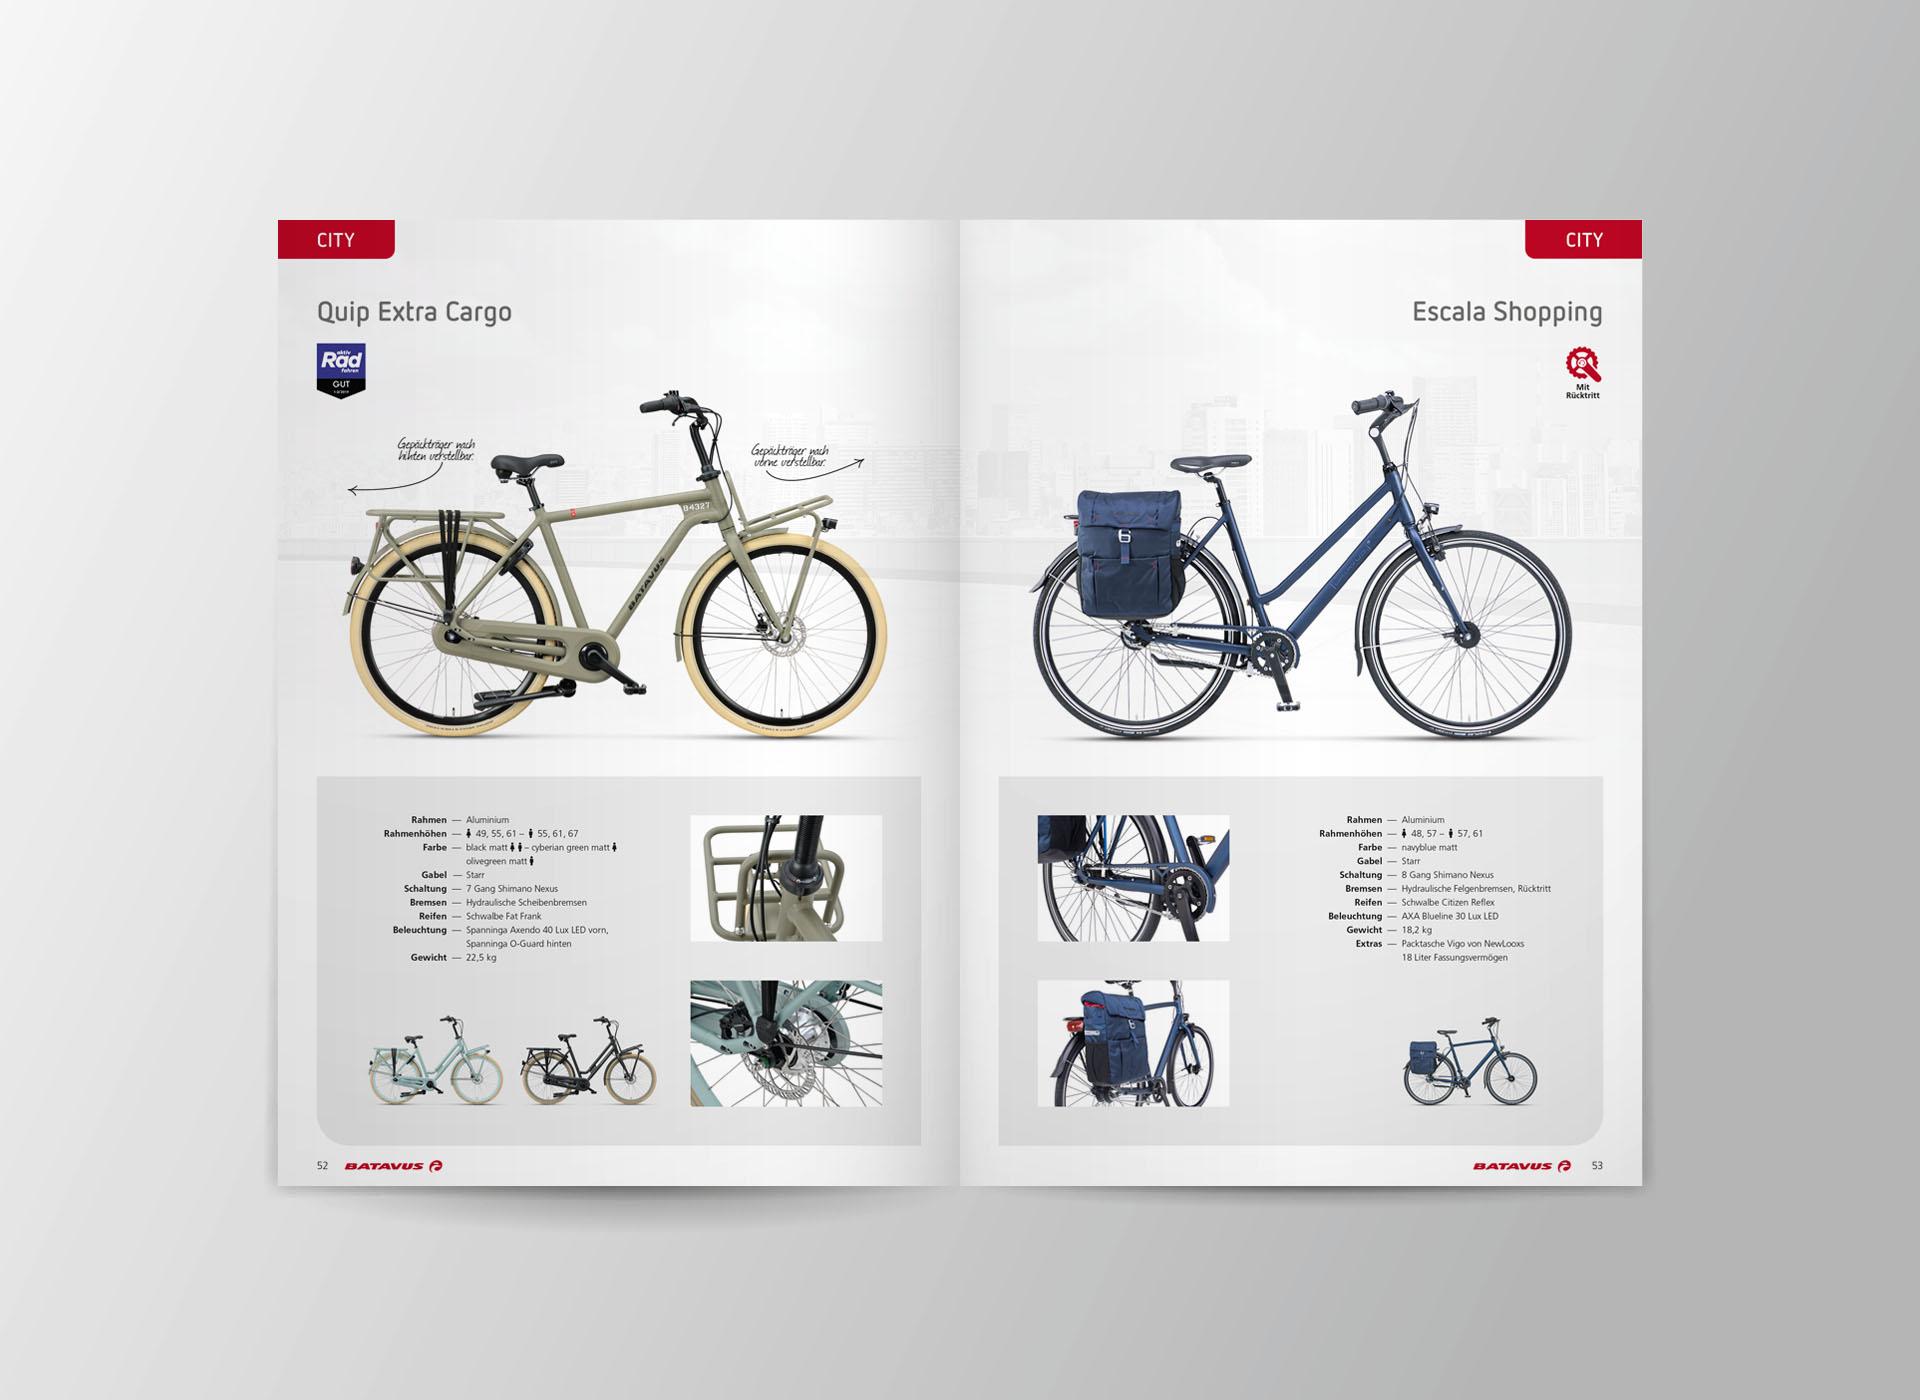 batavus produktkatalog 2021 06 - Fachlich fest im Sattel: Der Batavus Produktkatalog 2021 – Corporate Design, Grafikdesign, Kommunikationsdesign, Branding, Markenentwicklung, Editorial Design